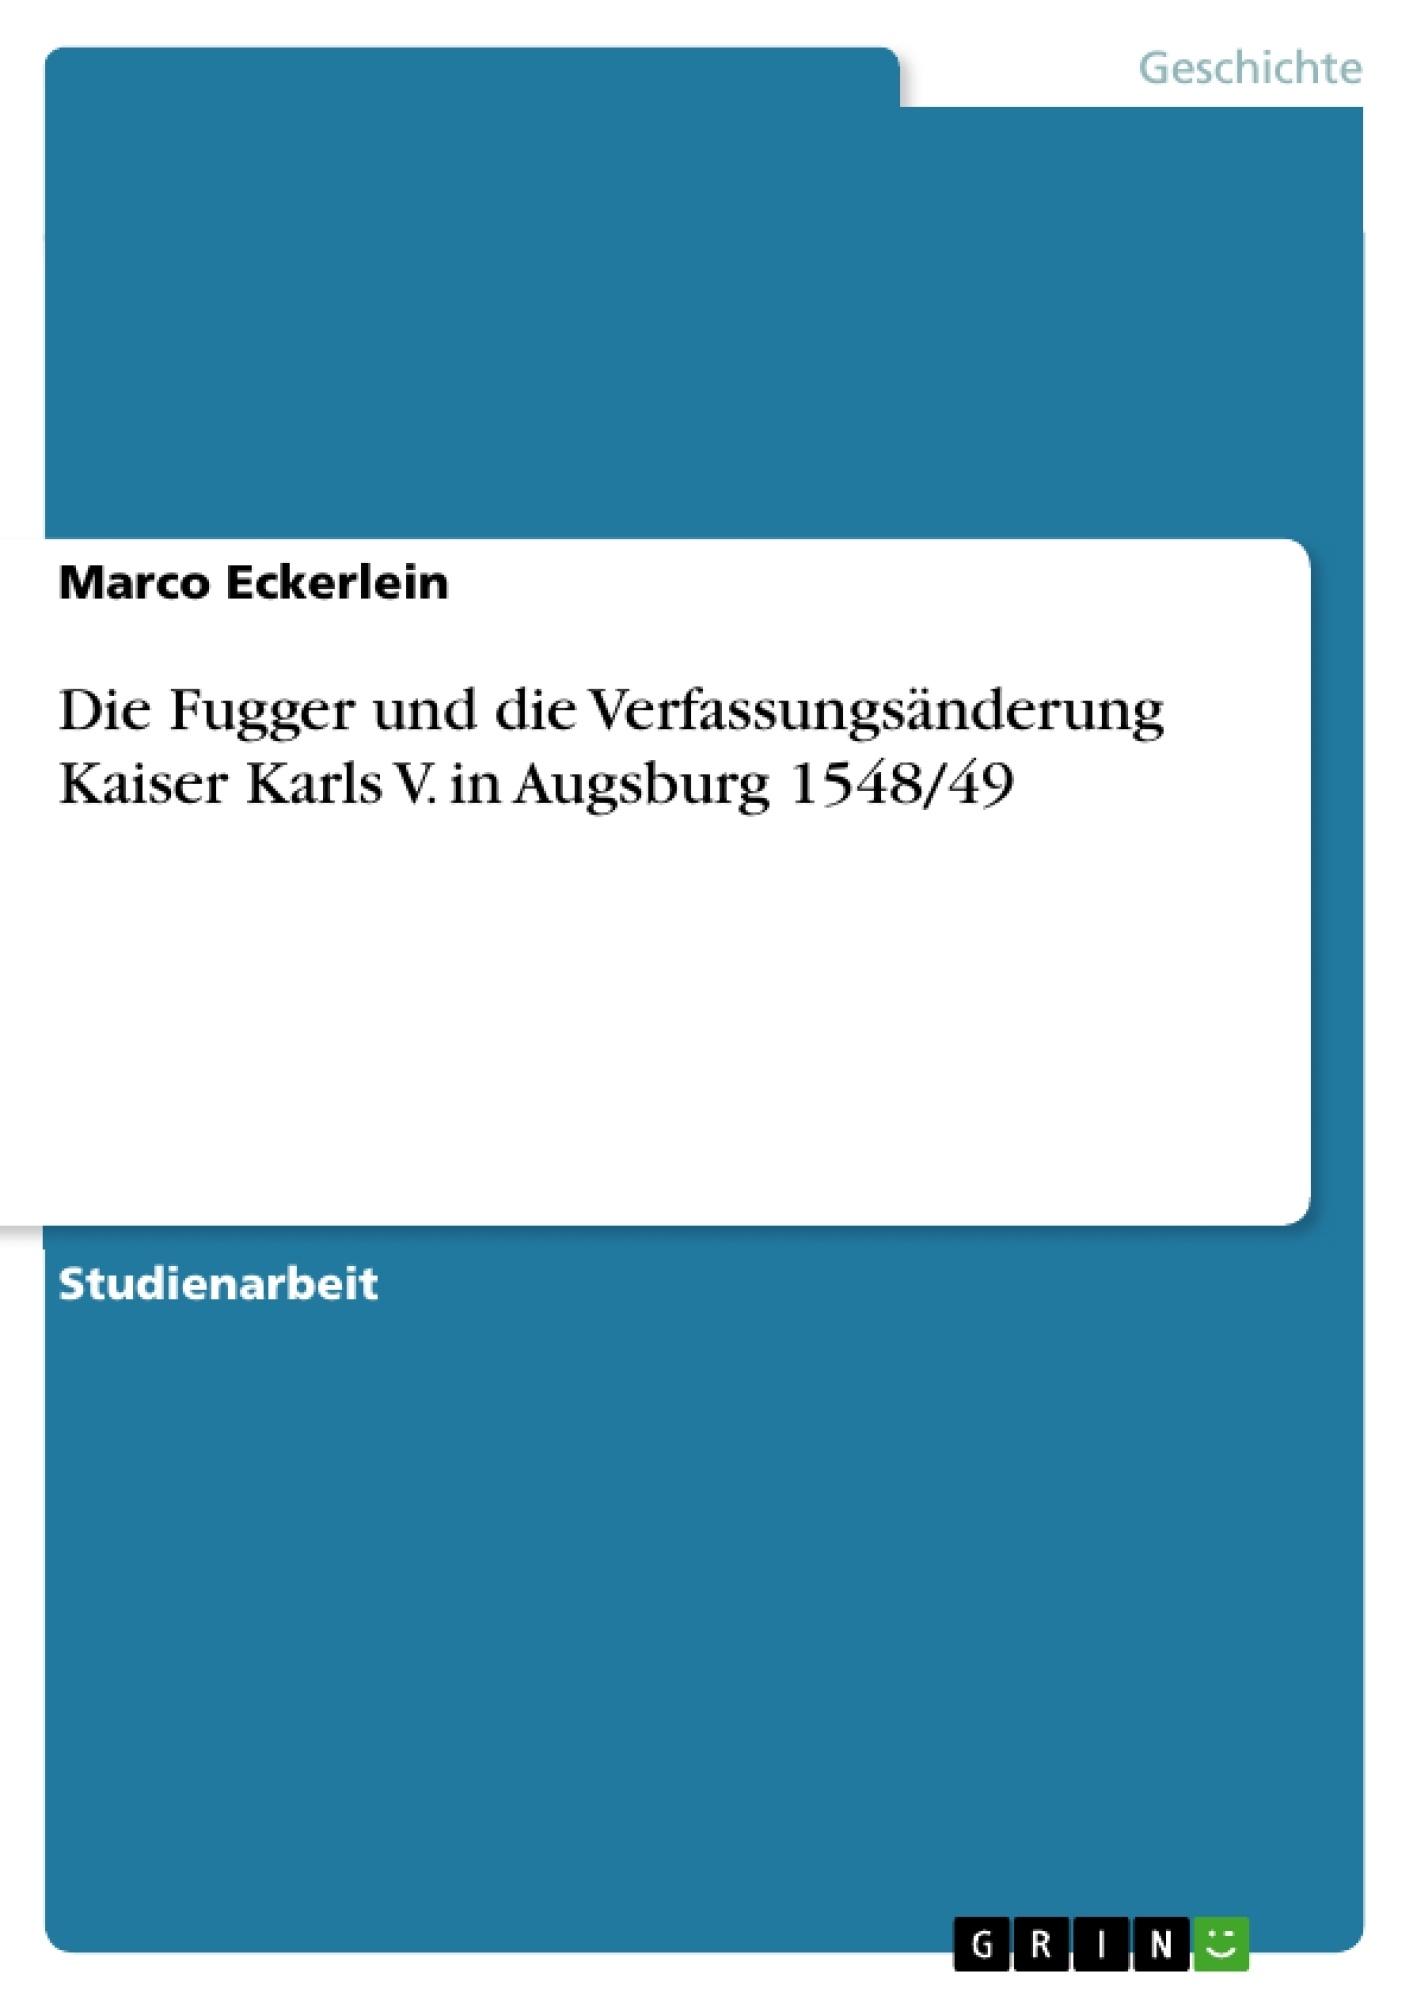 Titel: Die Fugger und die Verfassungsänderung Kaiser Karls V. in Augsburg 1548/49